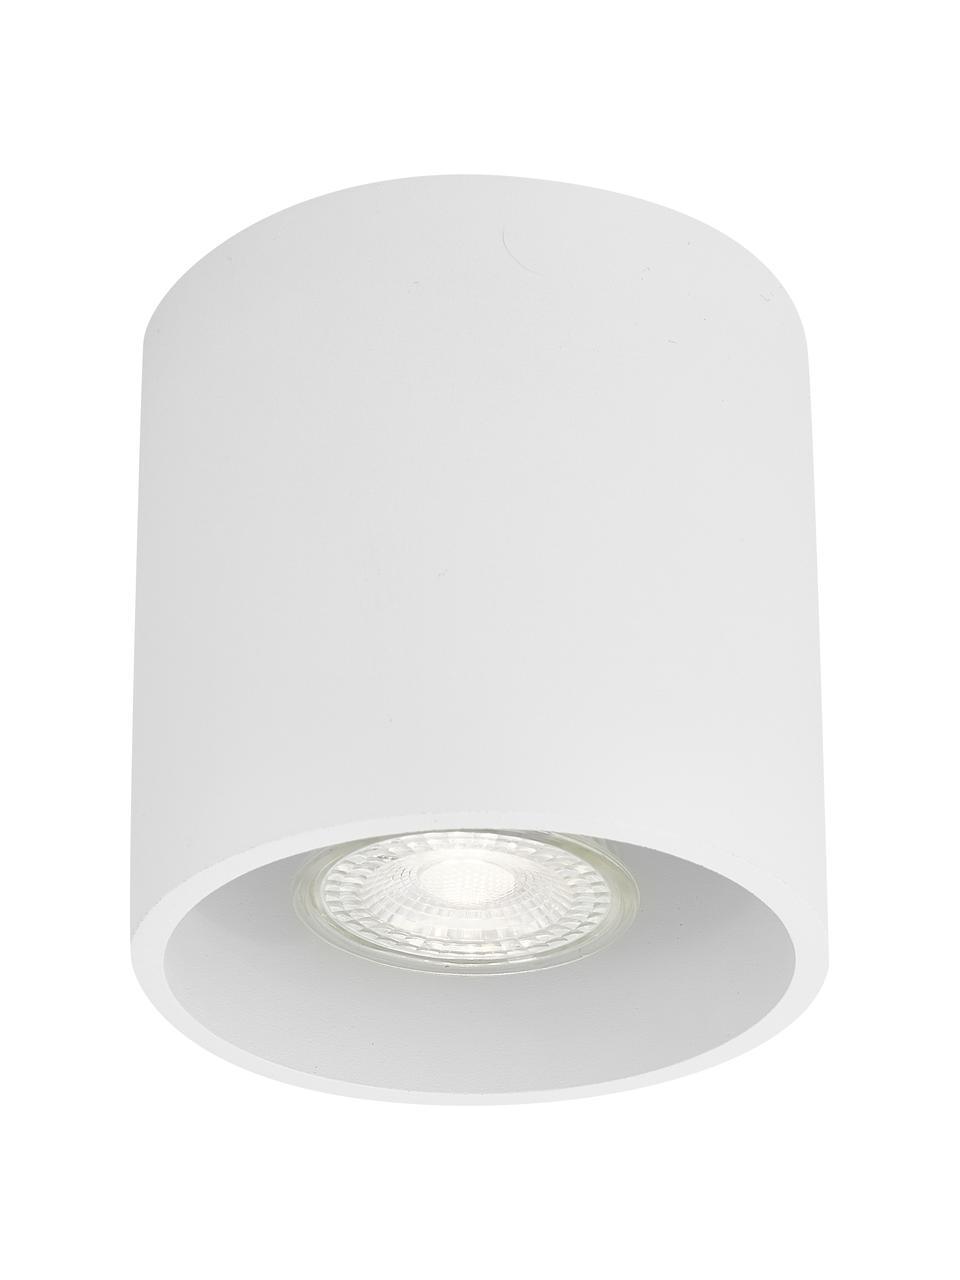 Deckenspot Roda in Weiß, Weiß, Ø 10 x H 10 cm